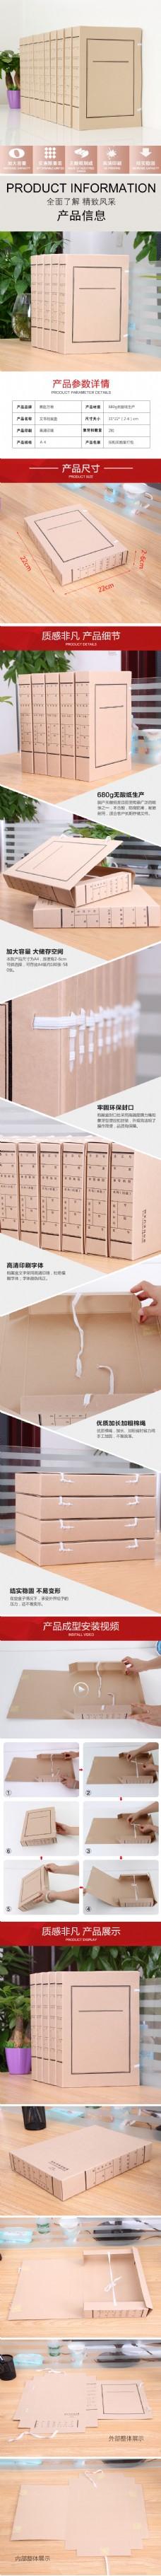 文书档案盒详情页